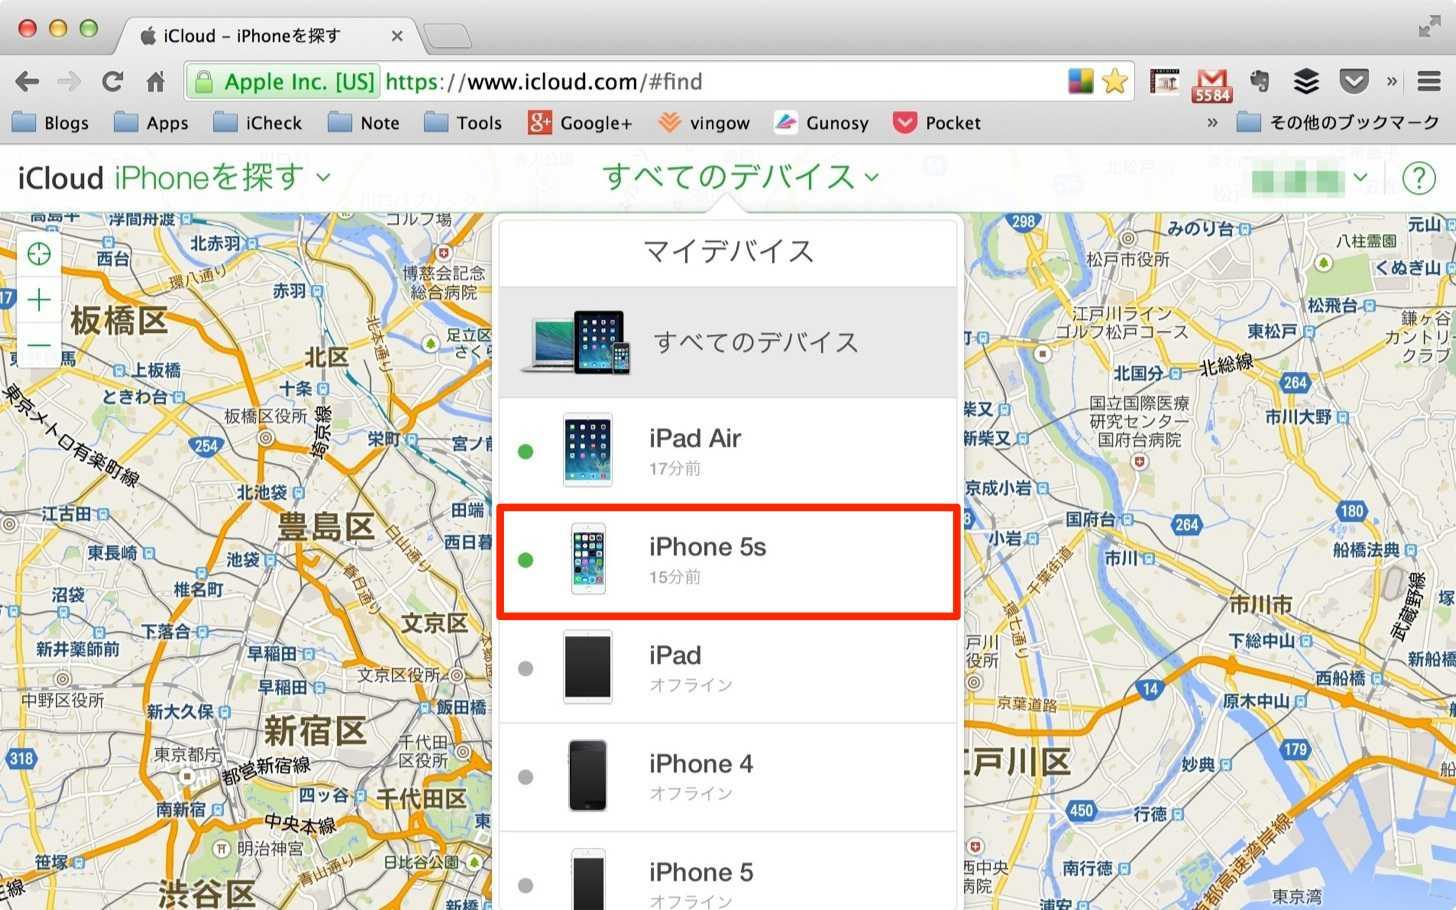 iPhone 5sをクリック